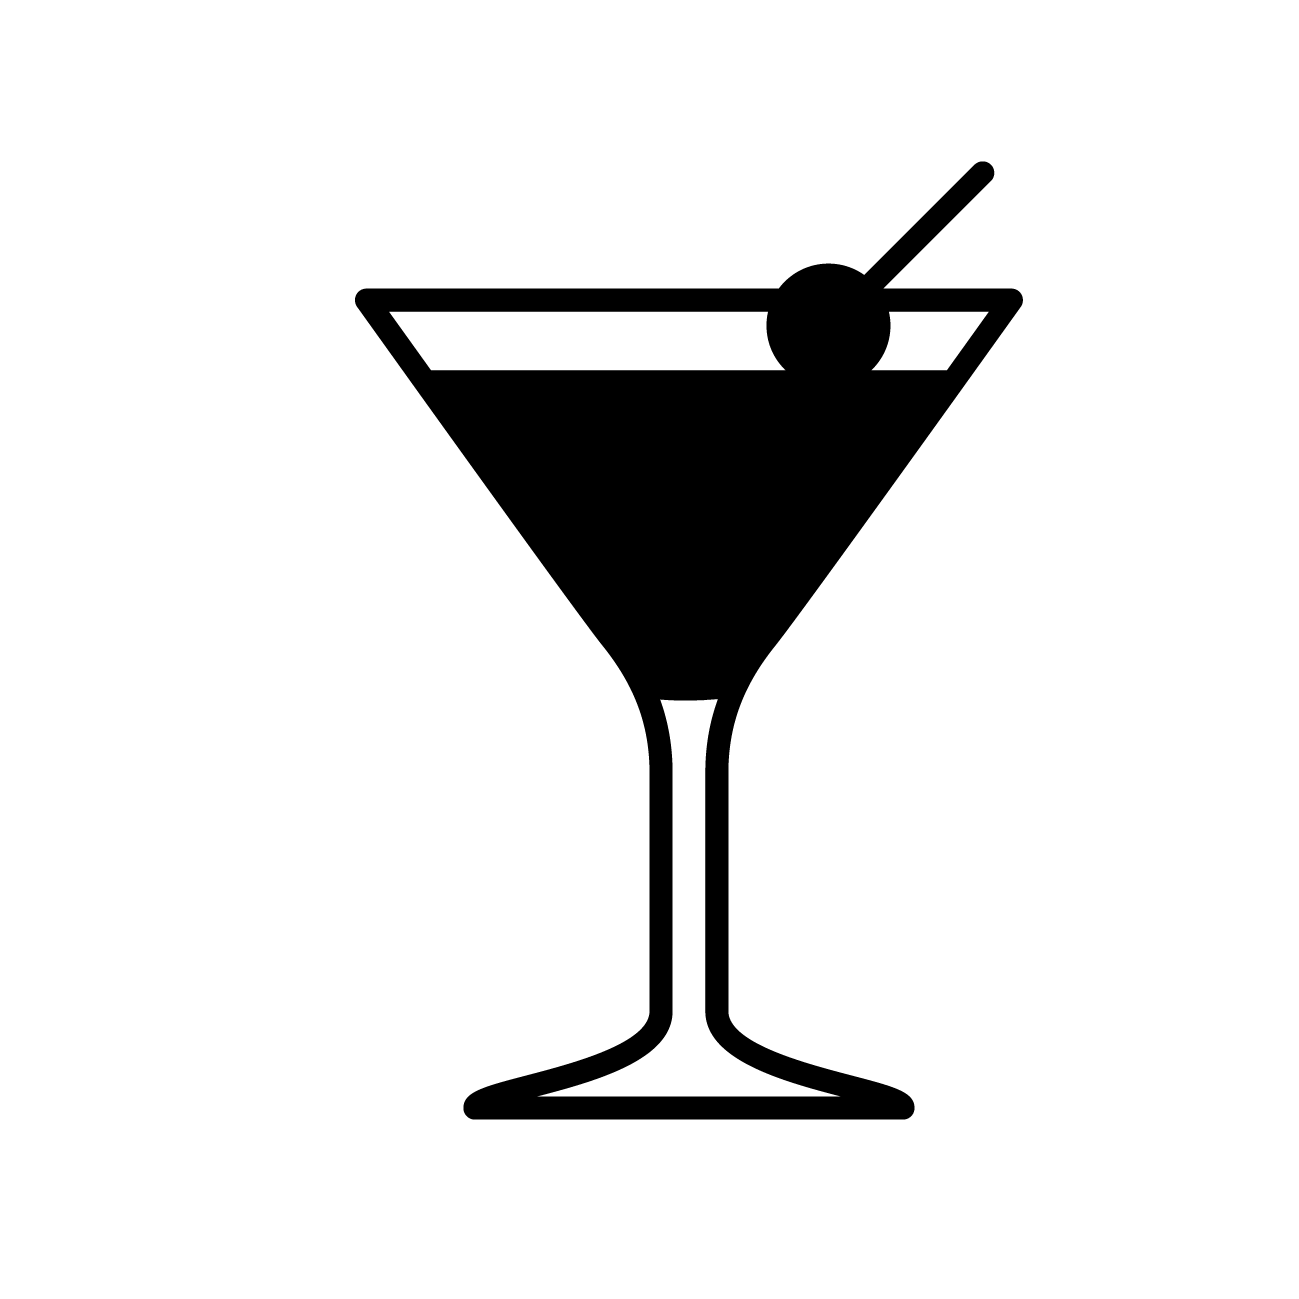 カクテルのアイコン